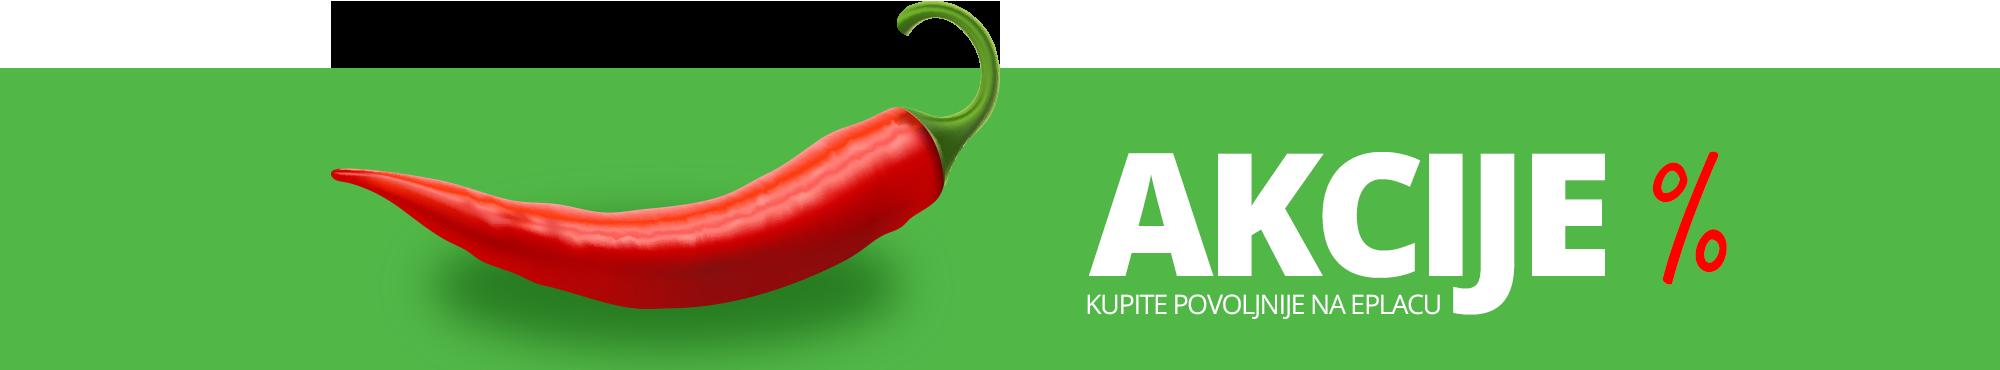 Akcije na eplacu - akcije tržnica